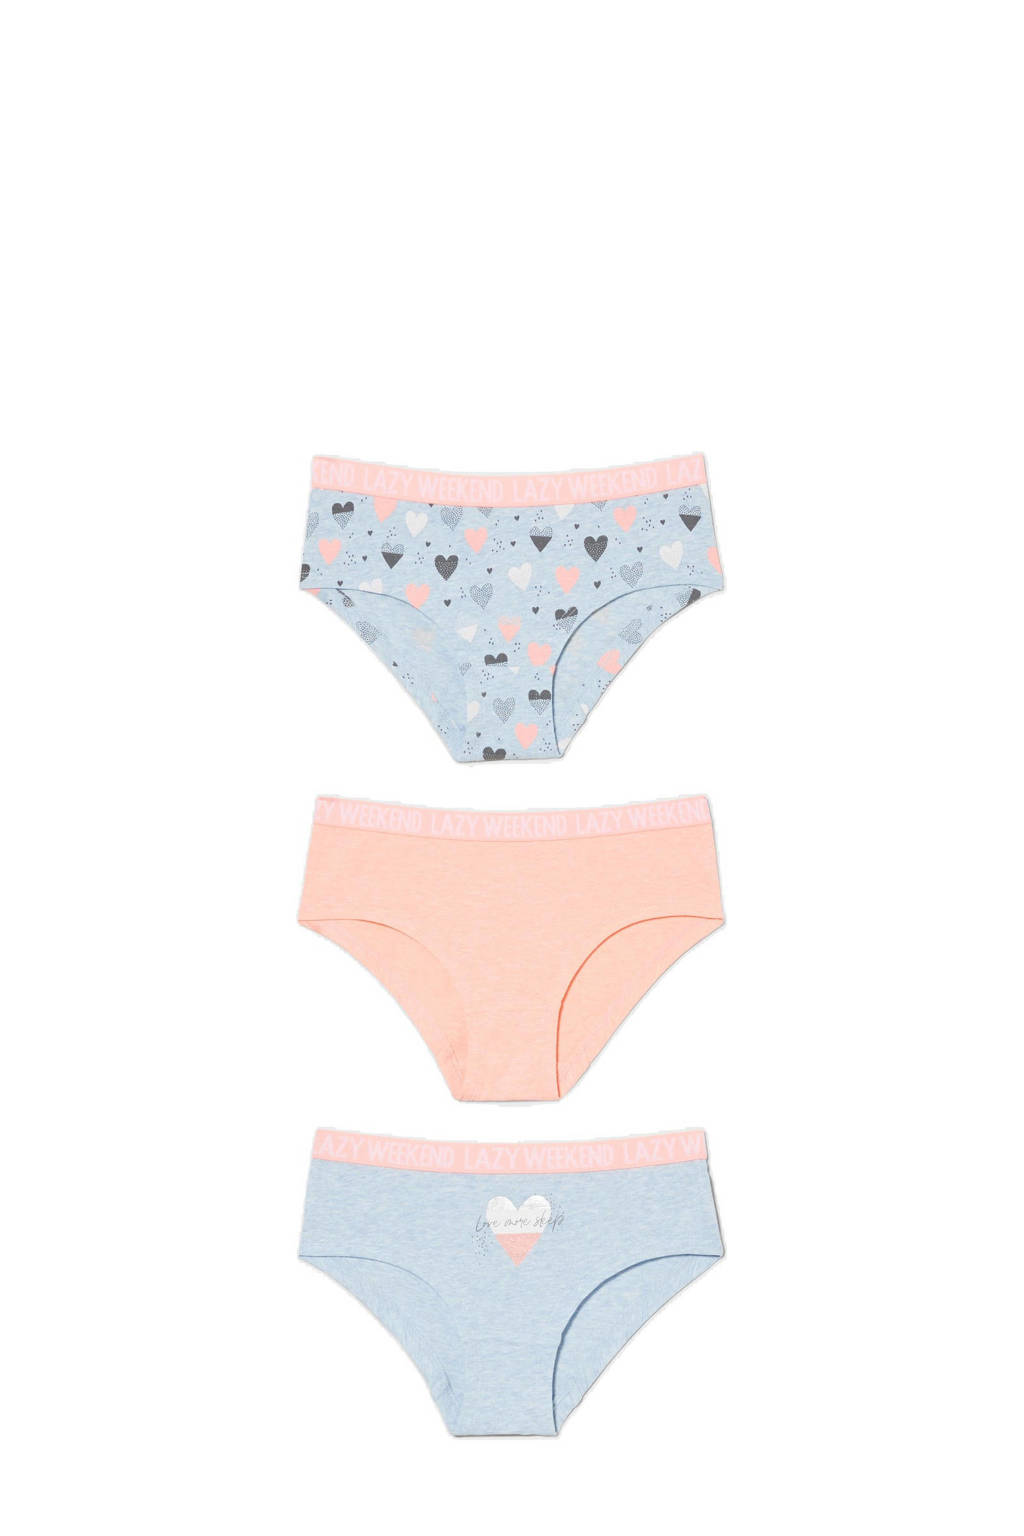 C&A Here & There slips - set van 3 lichtblauw/roze, Lichtblauw/roze